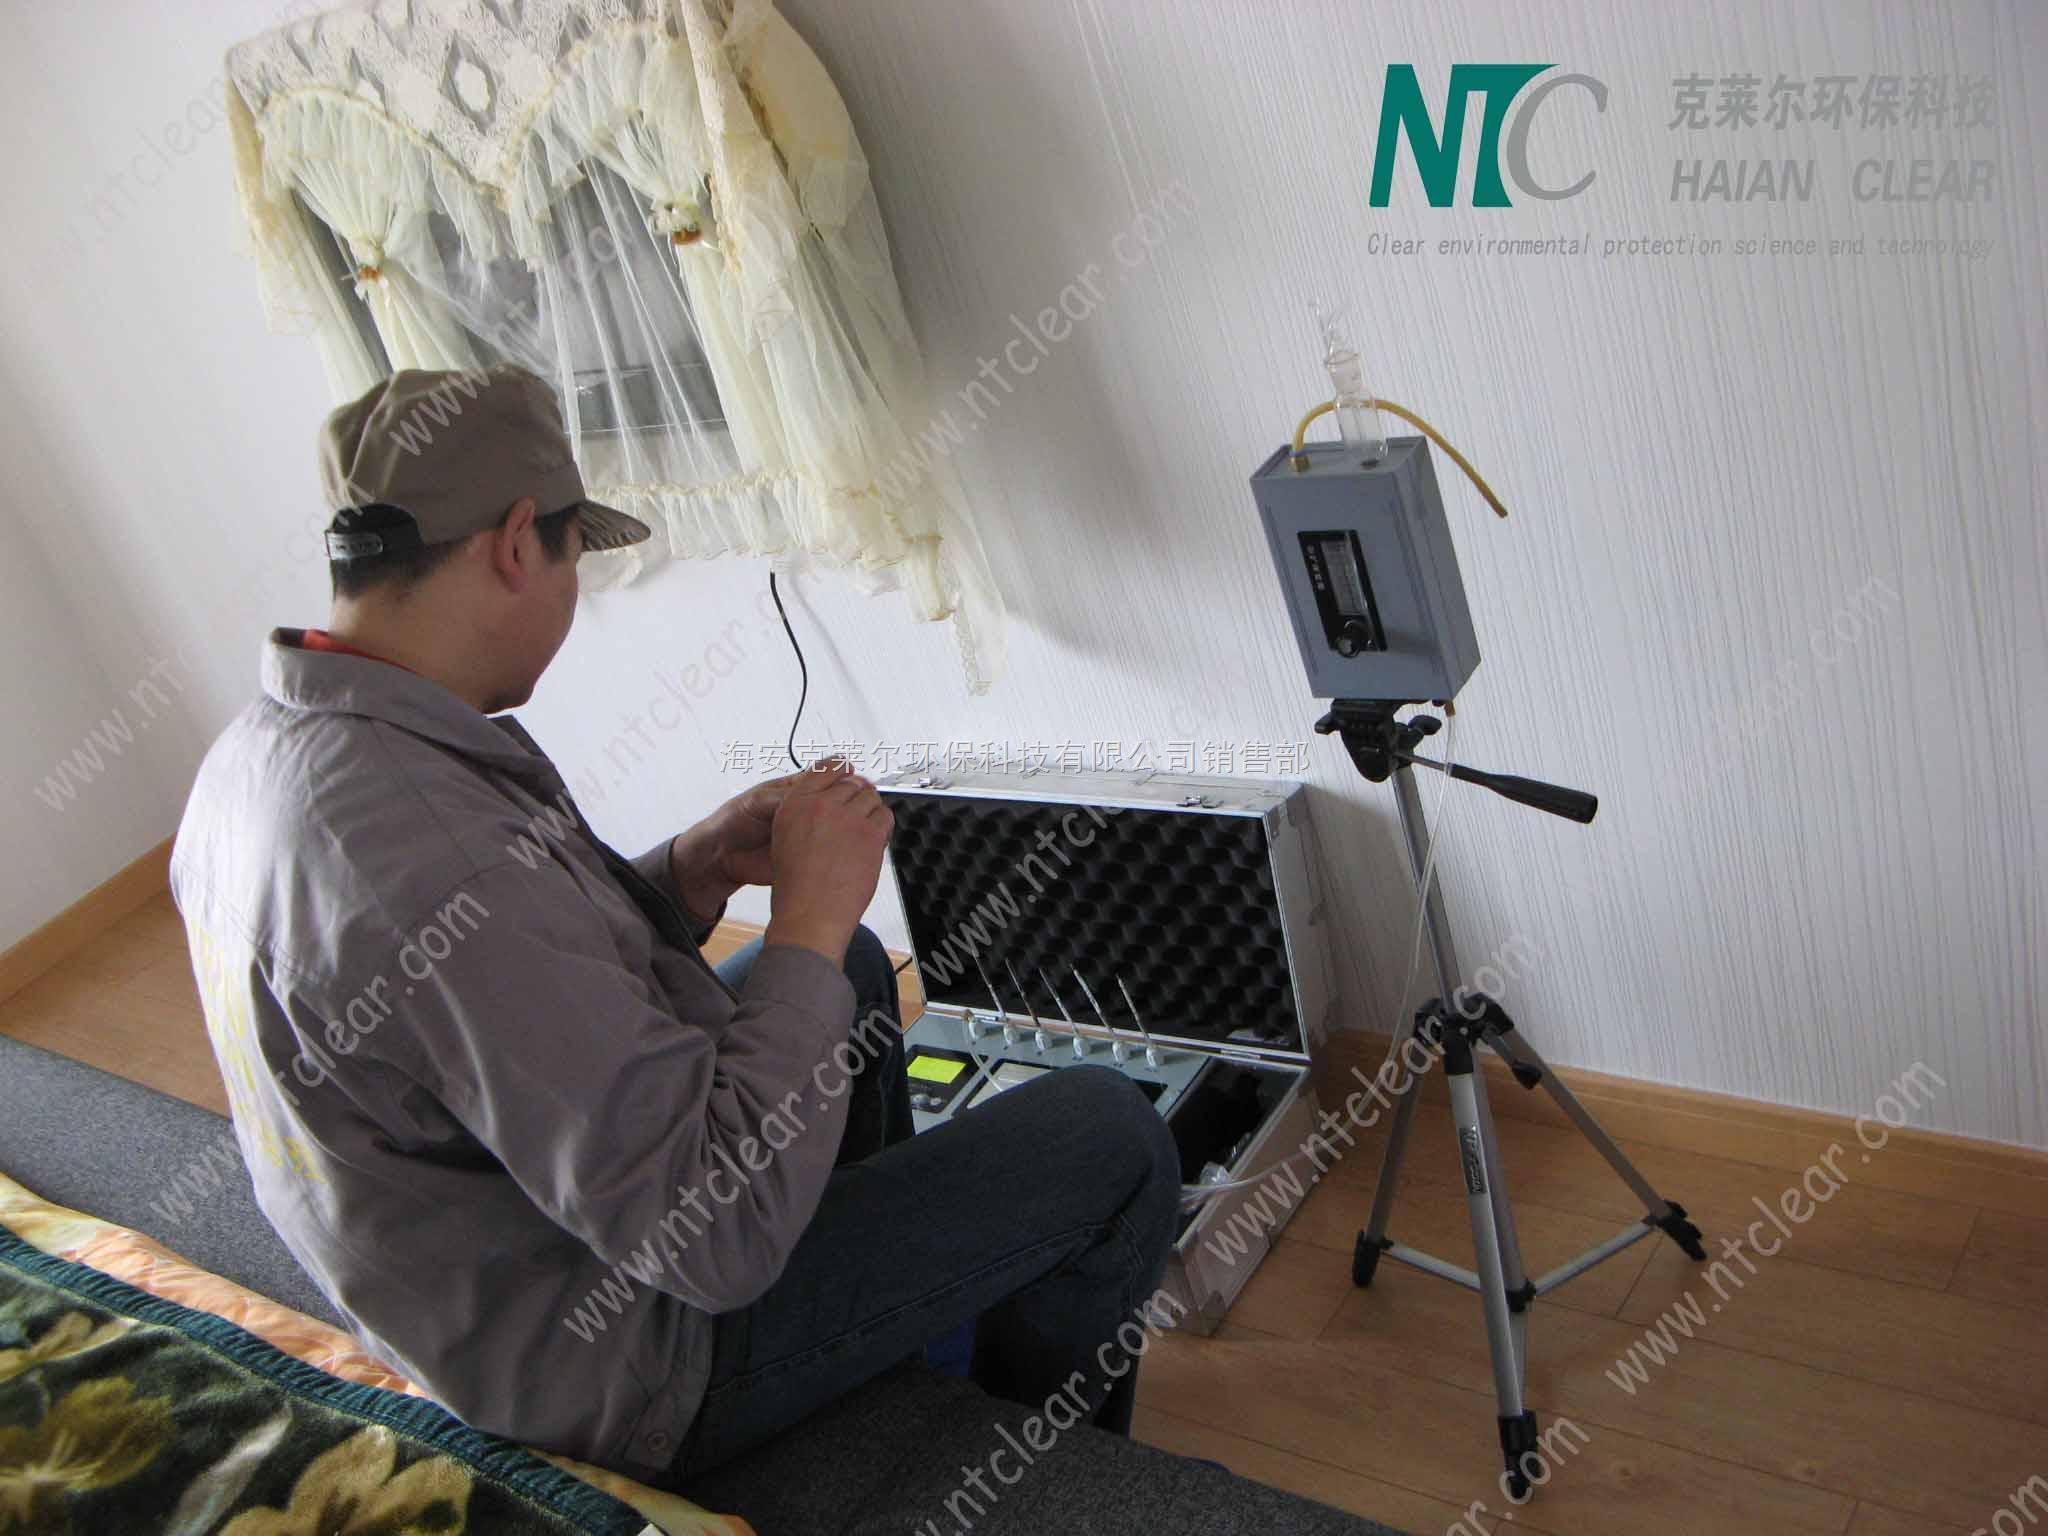 NTC-3小款-攀枝花瀘州德陽車內空氣檢測儀|八合一甲醛檢測儀|甲醛檢測治理儀器